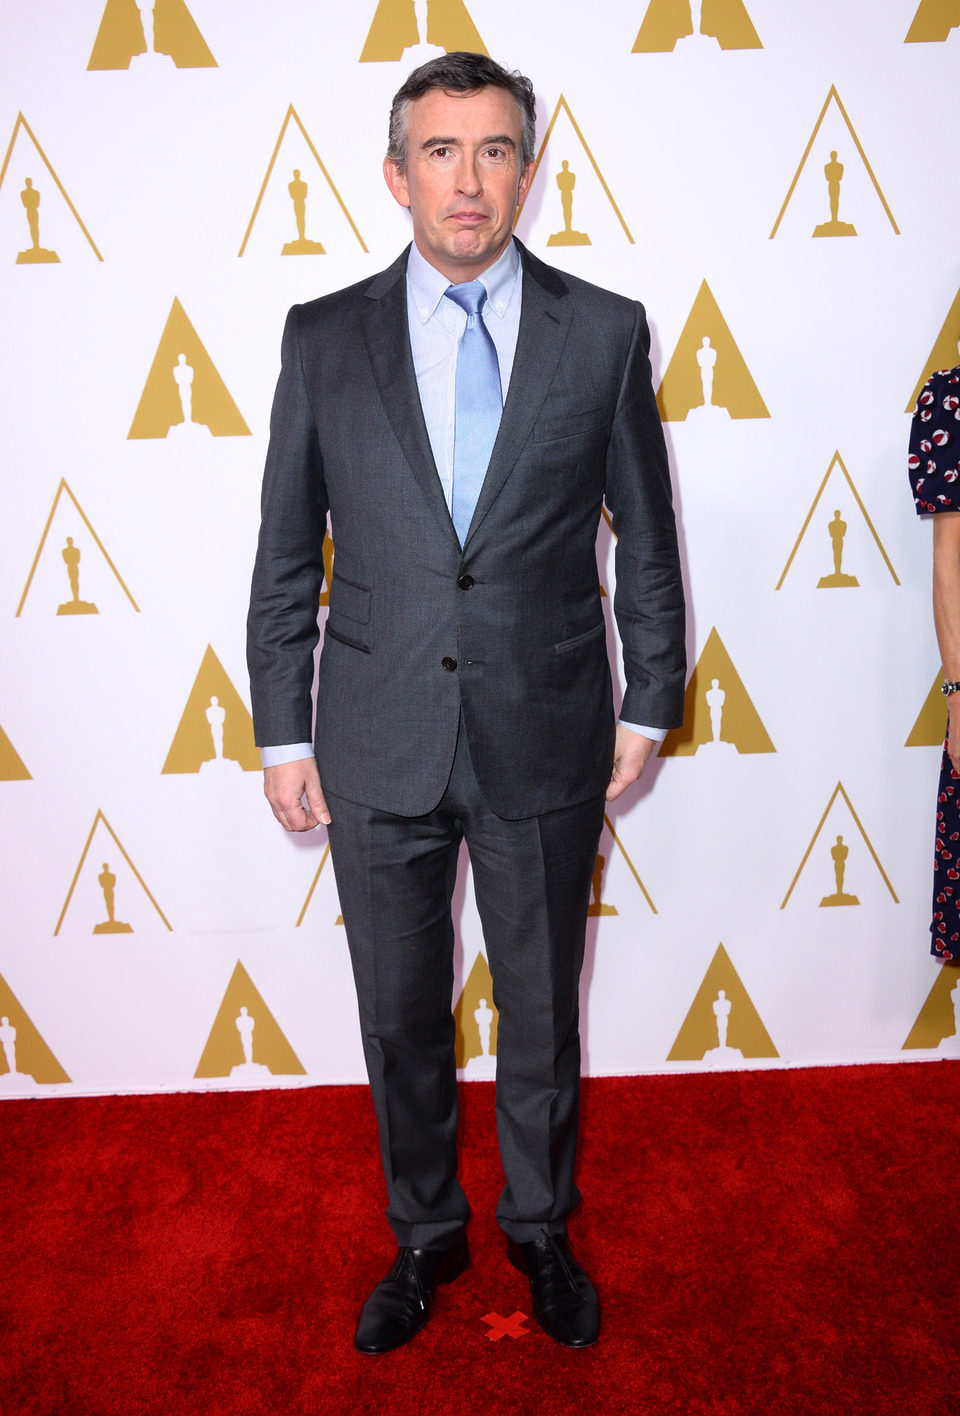 Steve Coogan en el almuerzo de los nominados a los Premios Oscar 2014